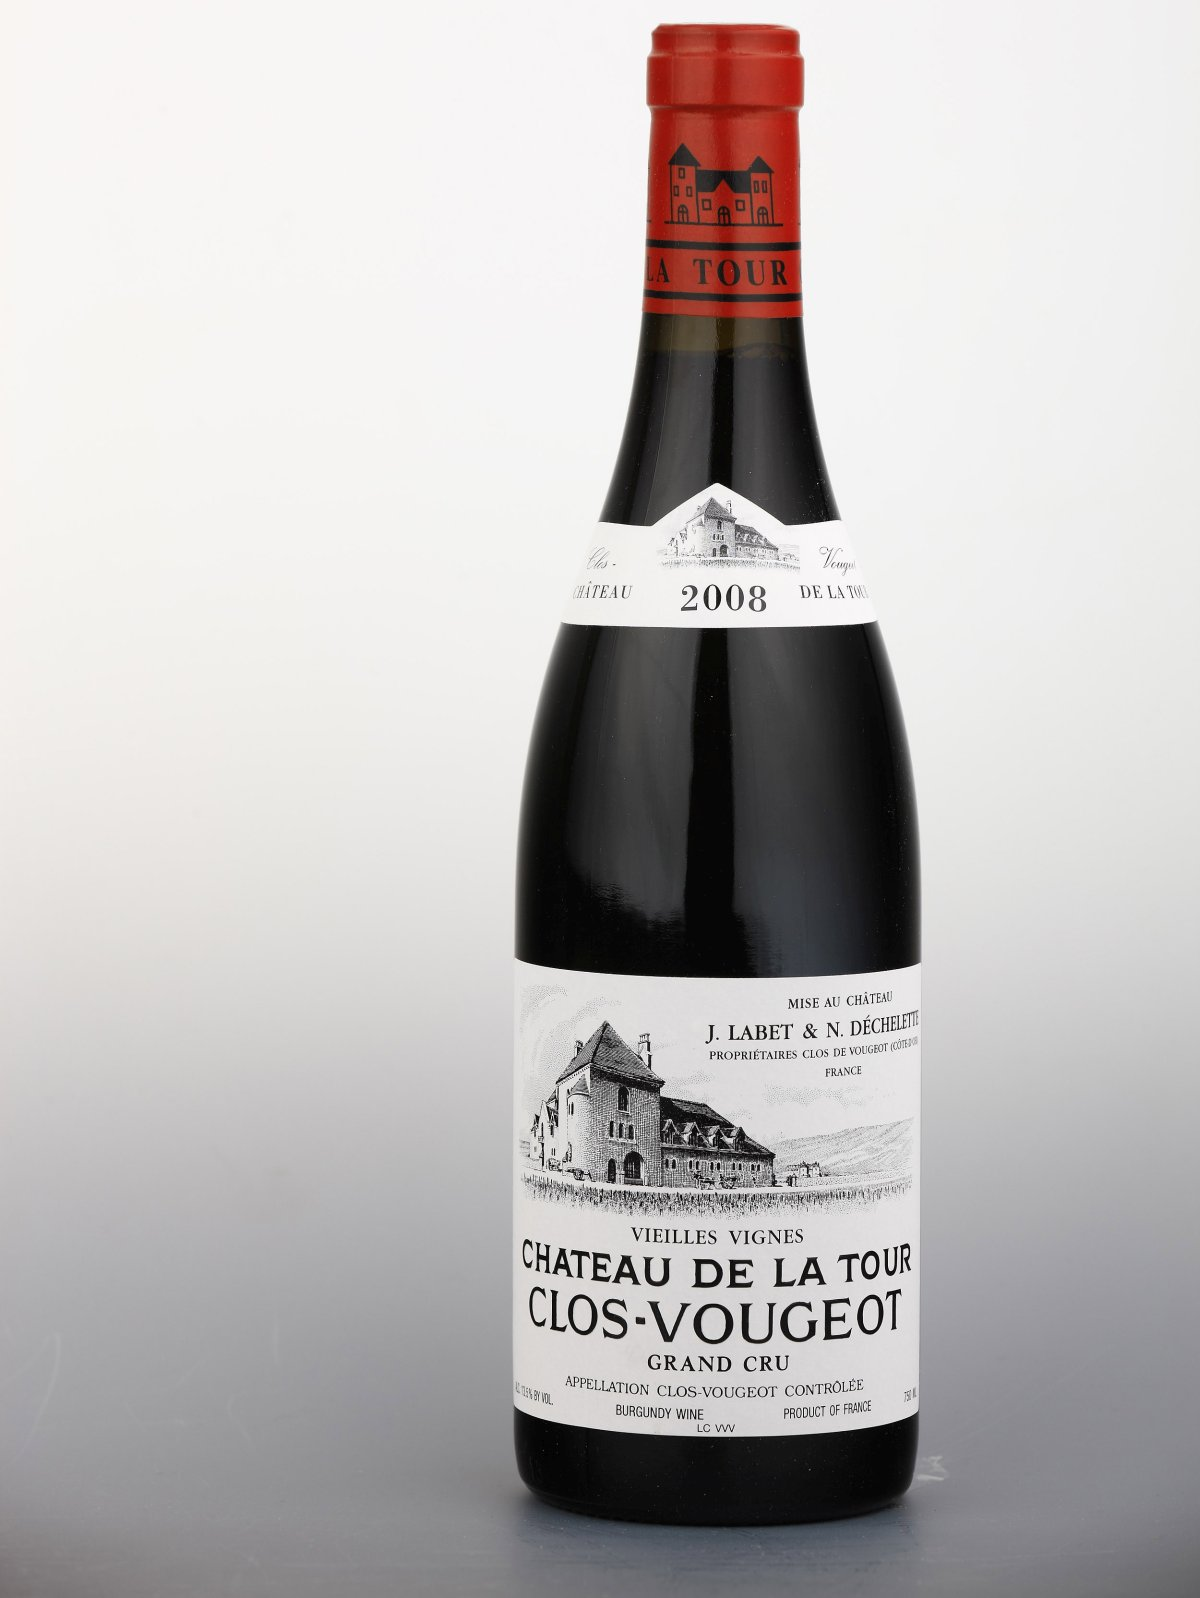 Château de la Tour, Clos Vougeot Grand Cru Vielles Vignes, 2013 Neuvěřitelně komplexní Vougeot ze stoletých vinic. Ve vůni objevíte aroma houbového podrostu a lesního ovoce, v chuti je velmi mohutný, s výrazným extraktem a velkým potenciálem k zrání. Cena: 5 395 Kč.